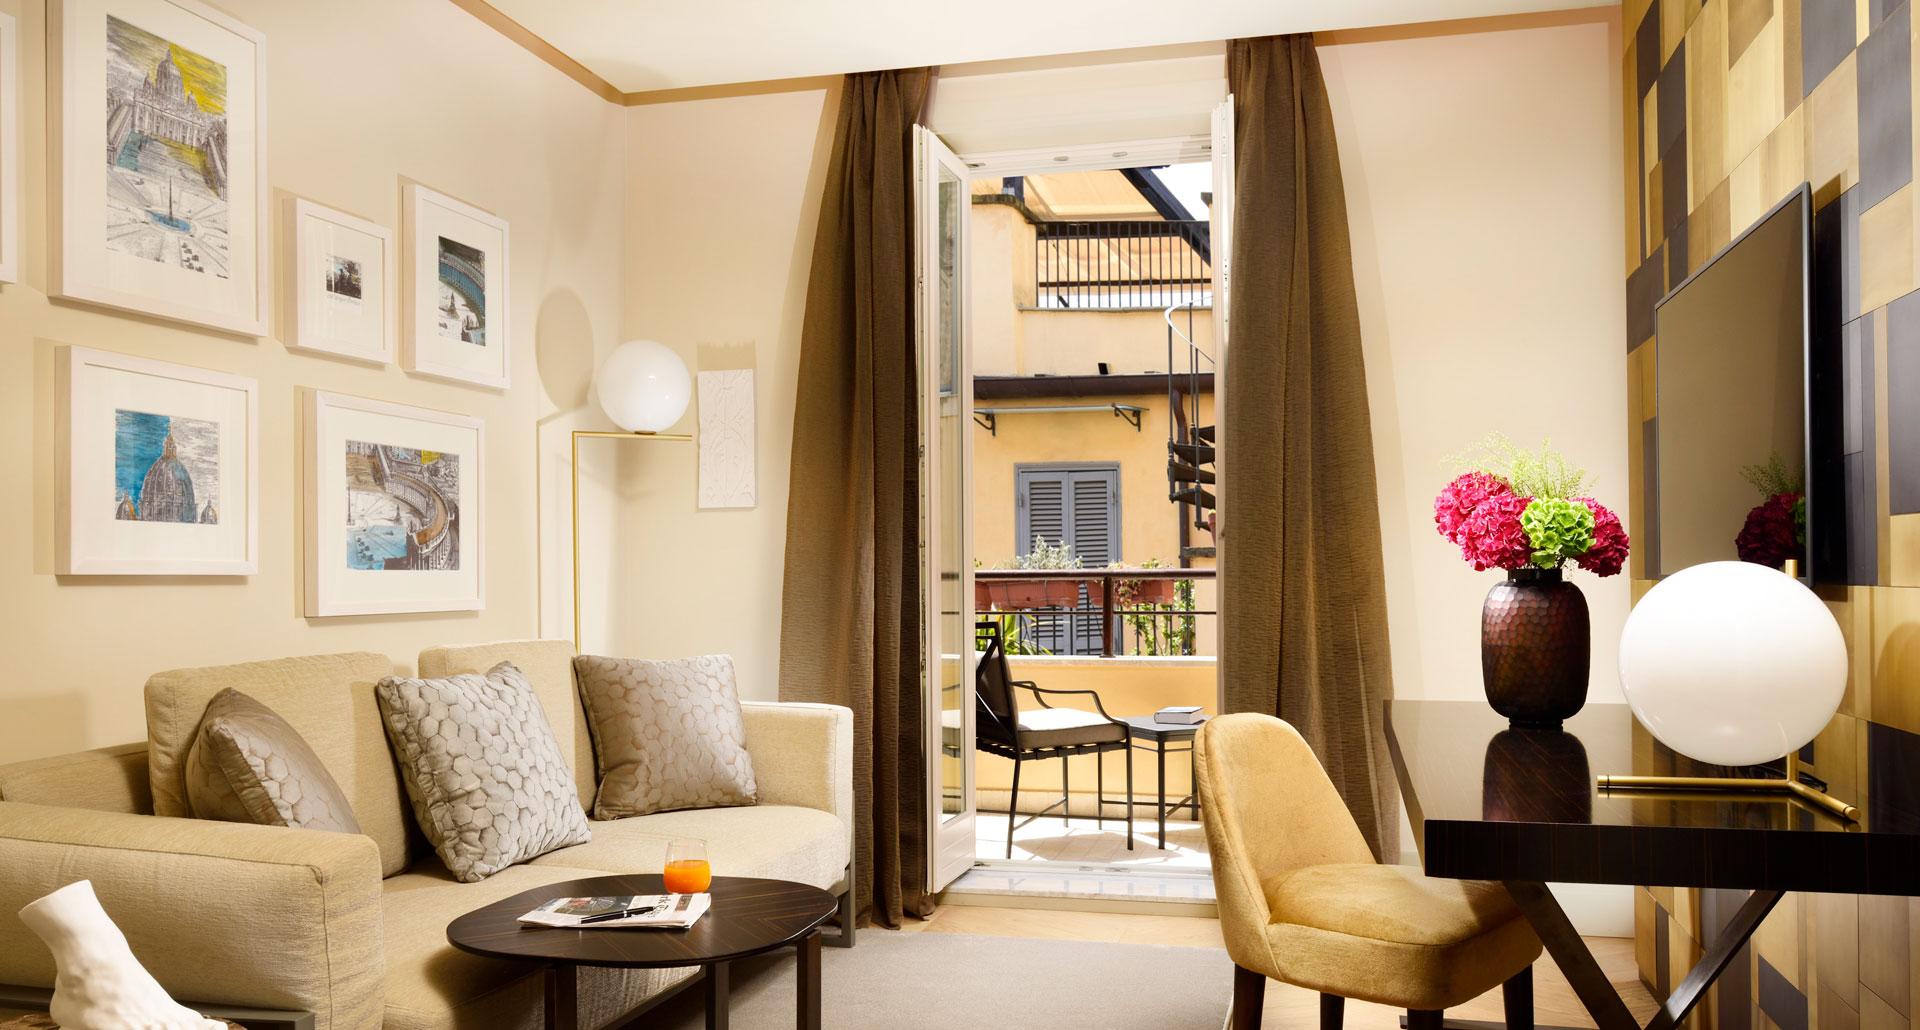 Margutta 19 - boutique hotel in Rome